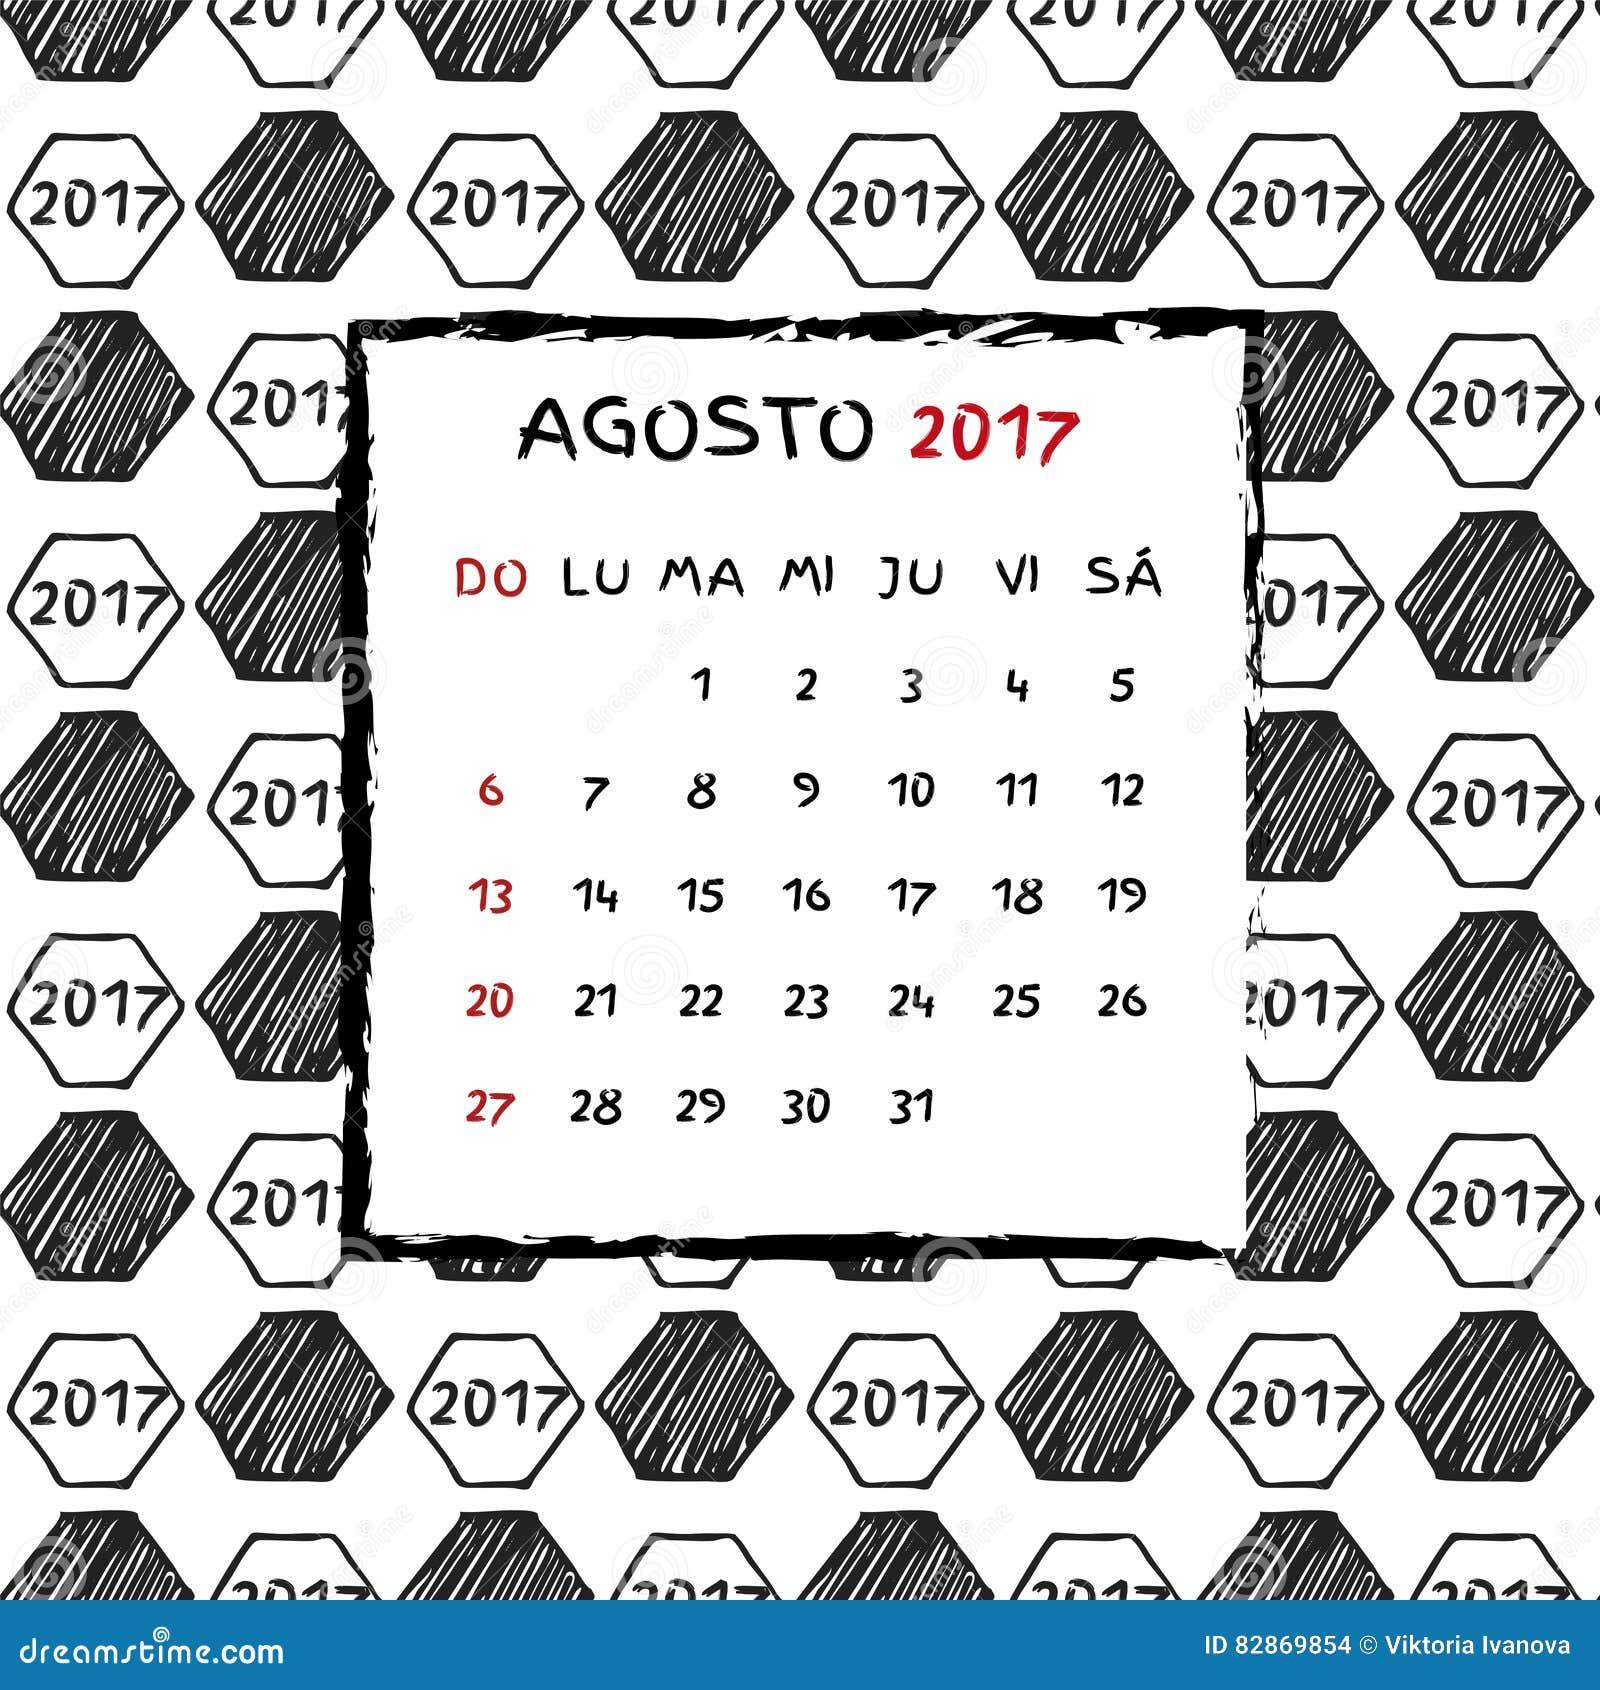 Calendario Calcio Spagnolo.Calendario Spagnolo 2017 Illustrazione Vettoriale